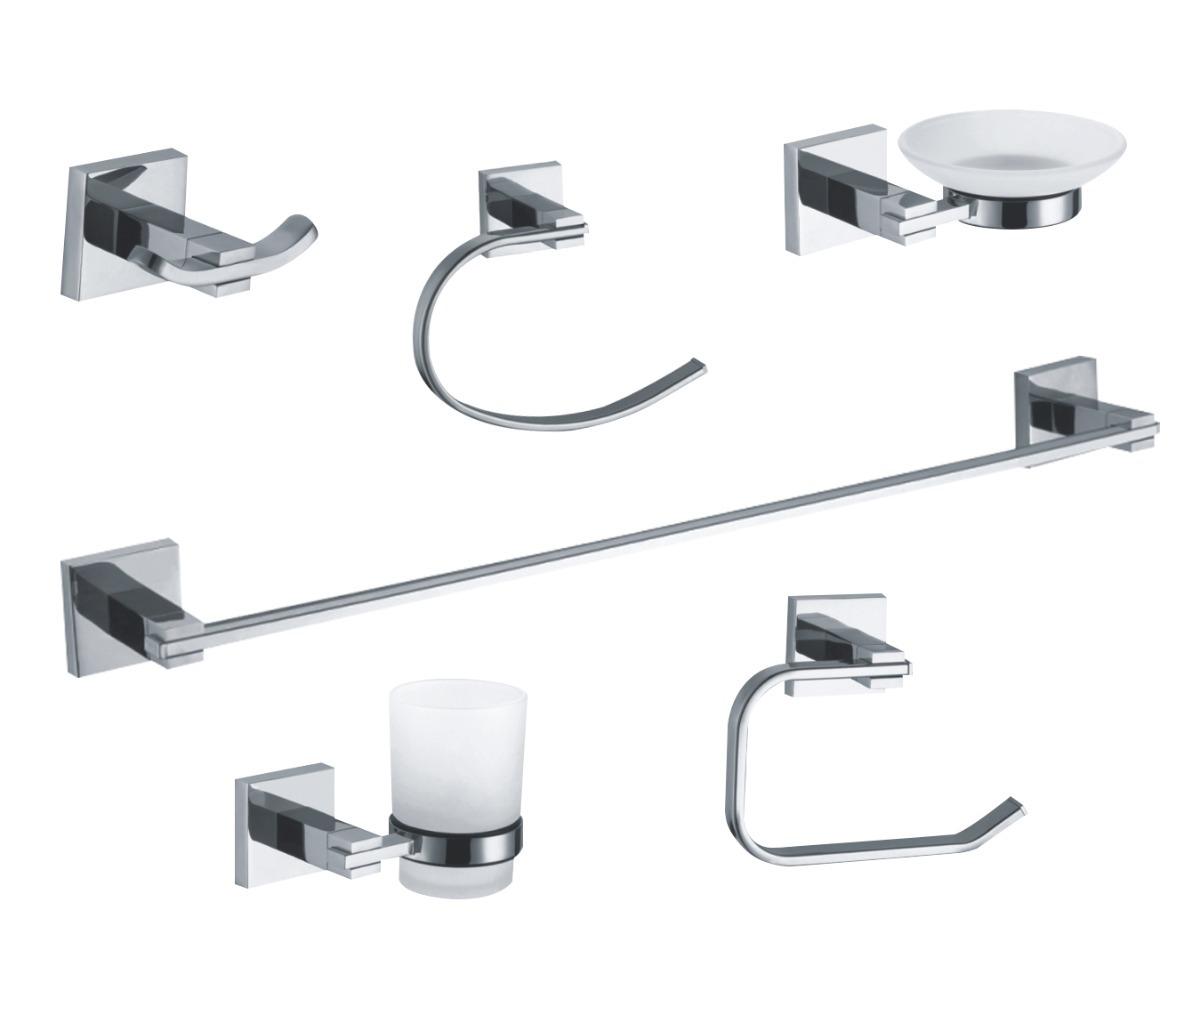 peirano set de accesorios para baño linea 11000 6 piezas. Cargando zoom. 97d8344c88e0